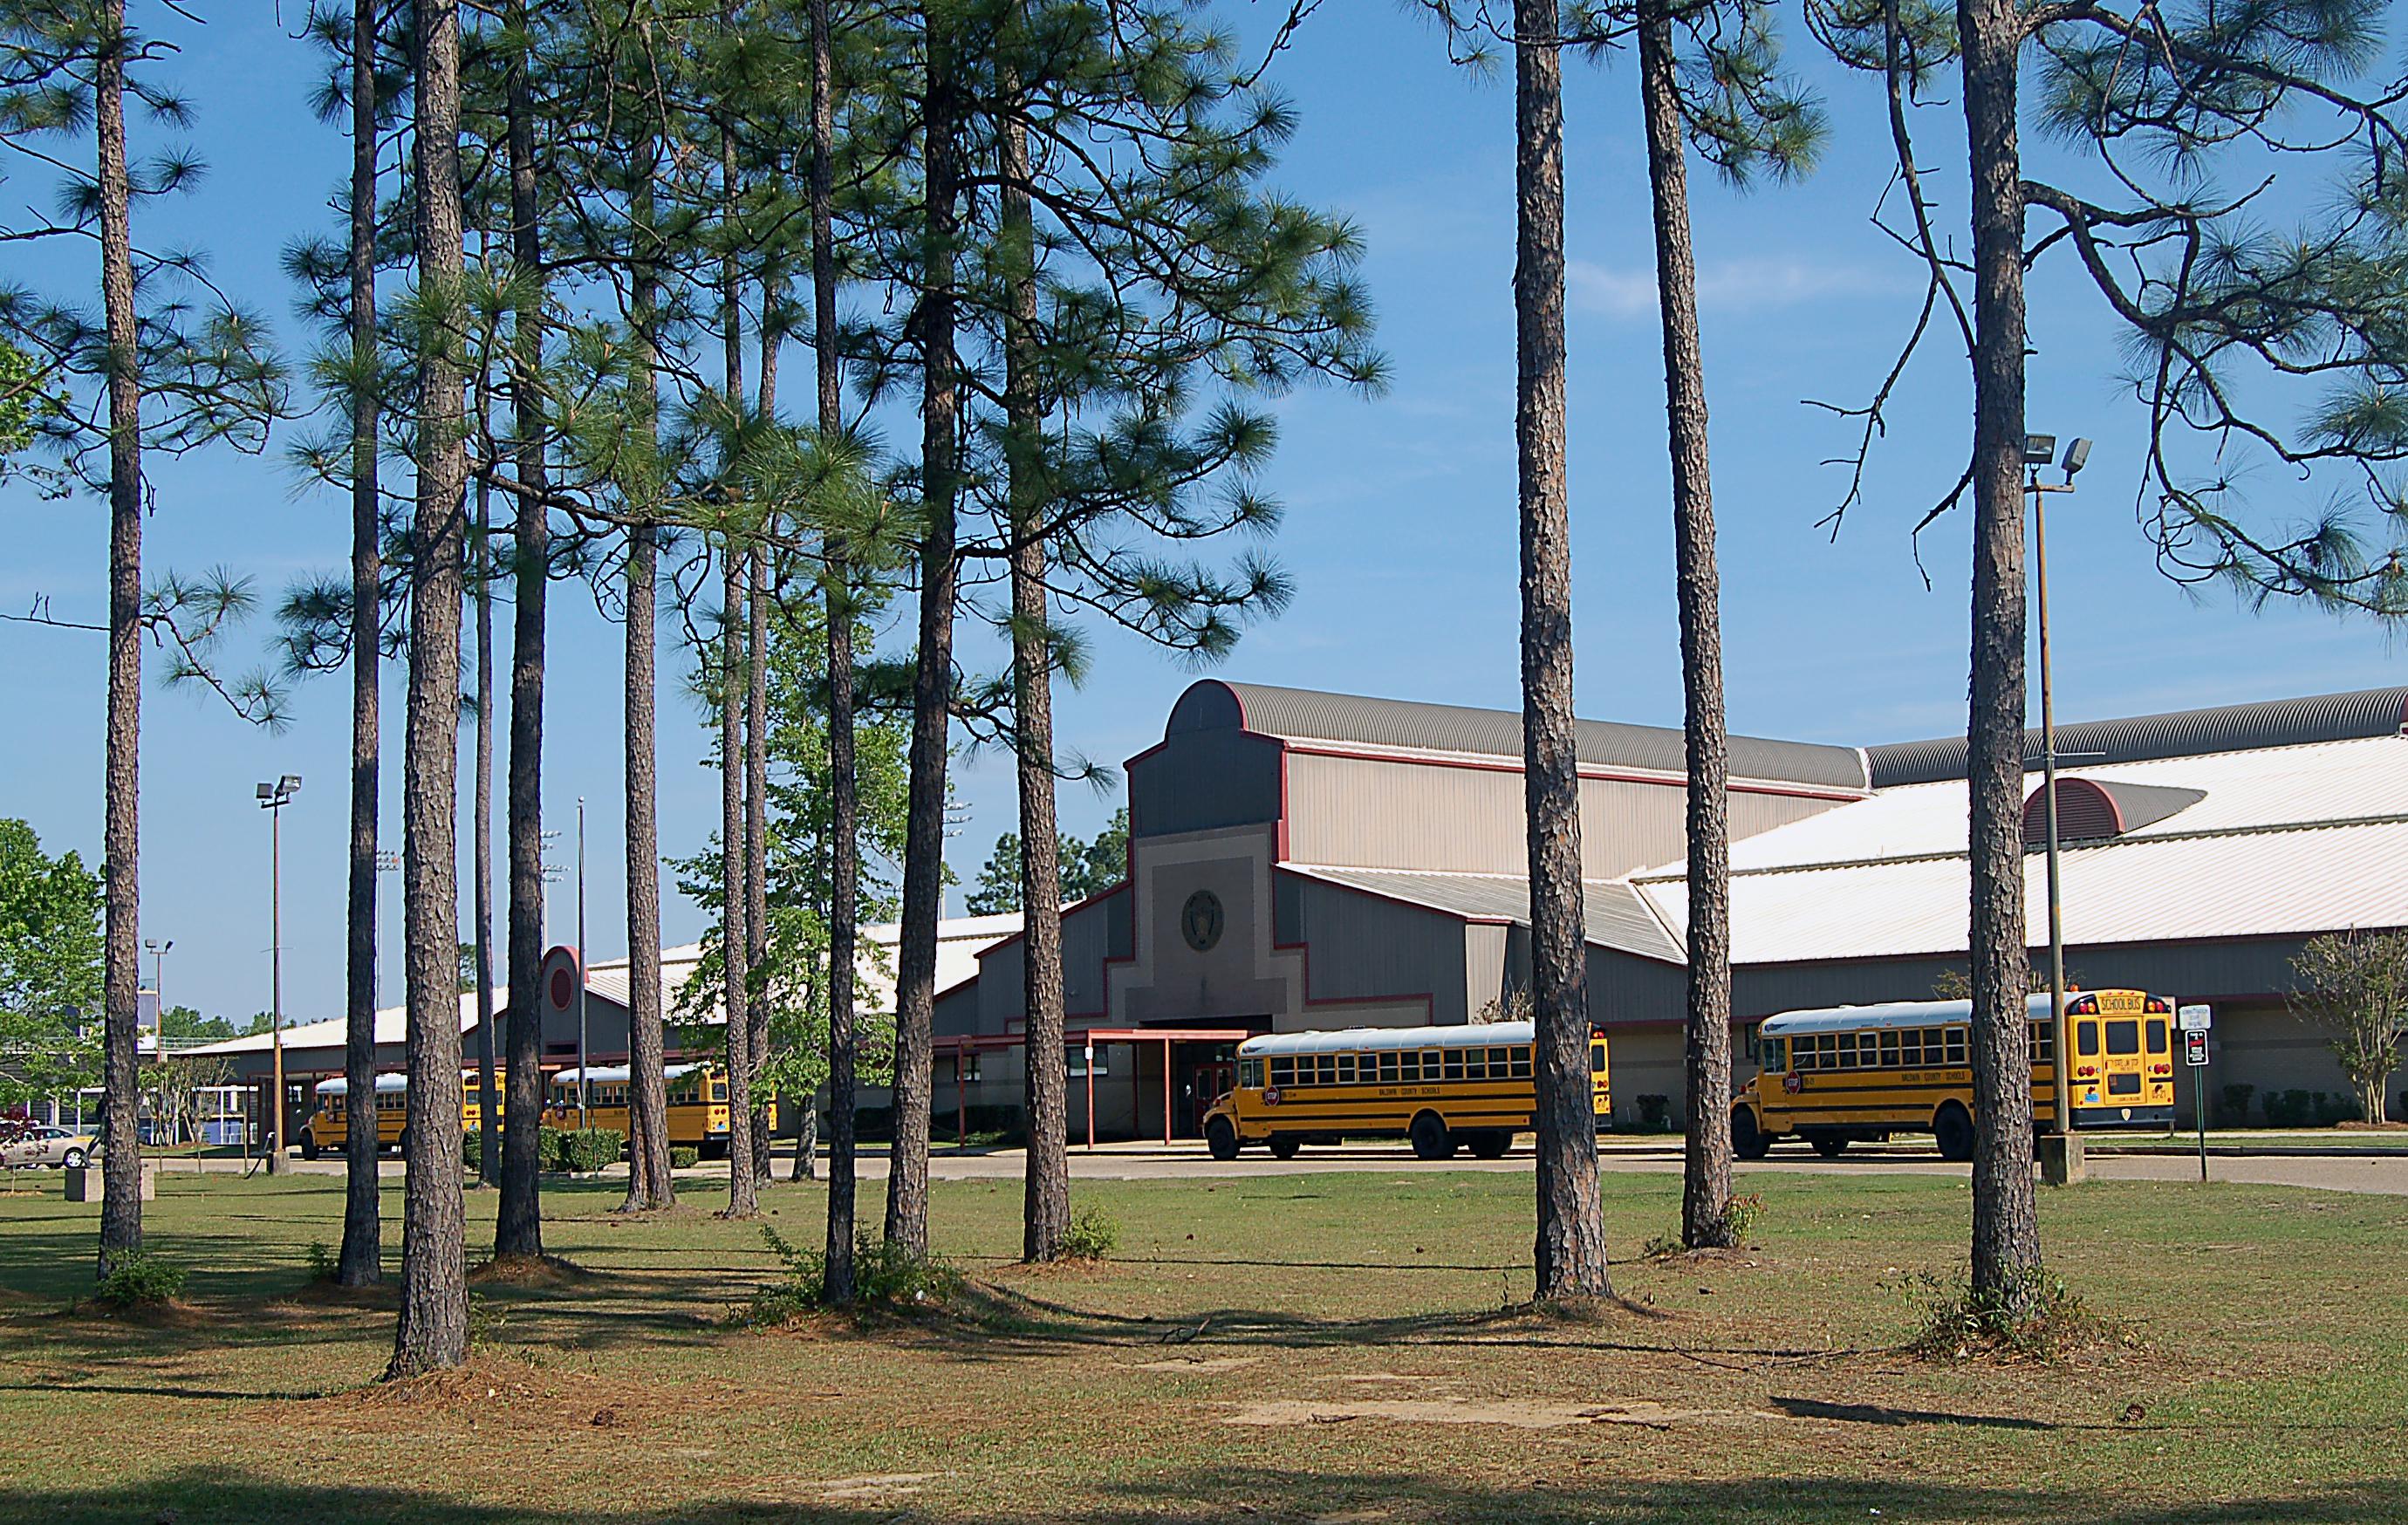 Alabama baldwin county daphne - Alabama Baldwin County Daphne 0